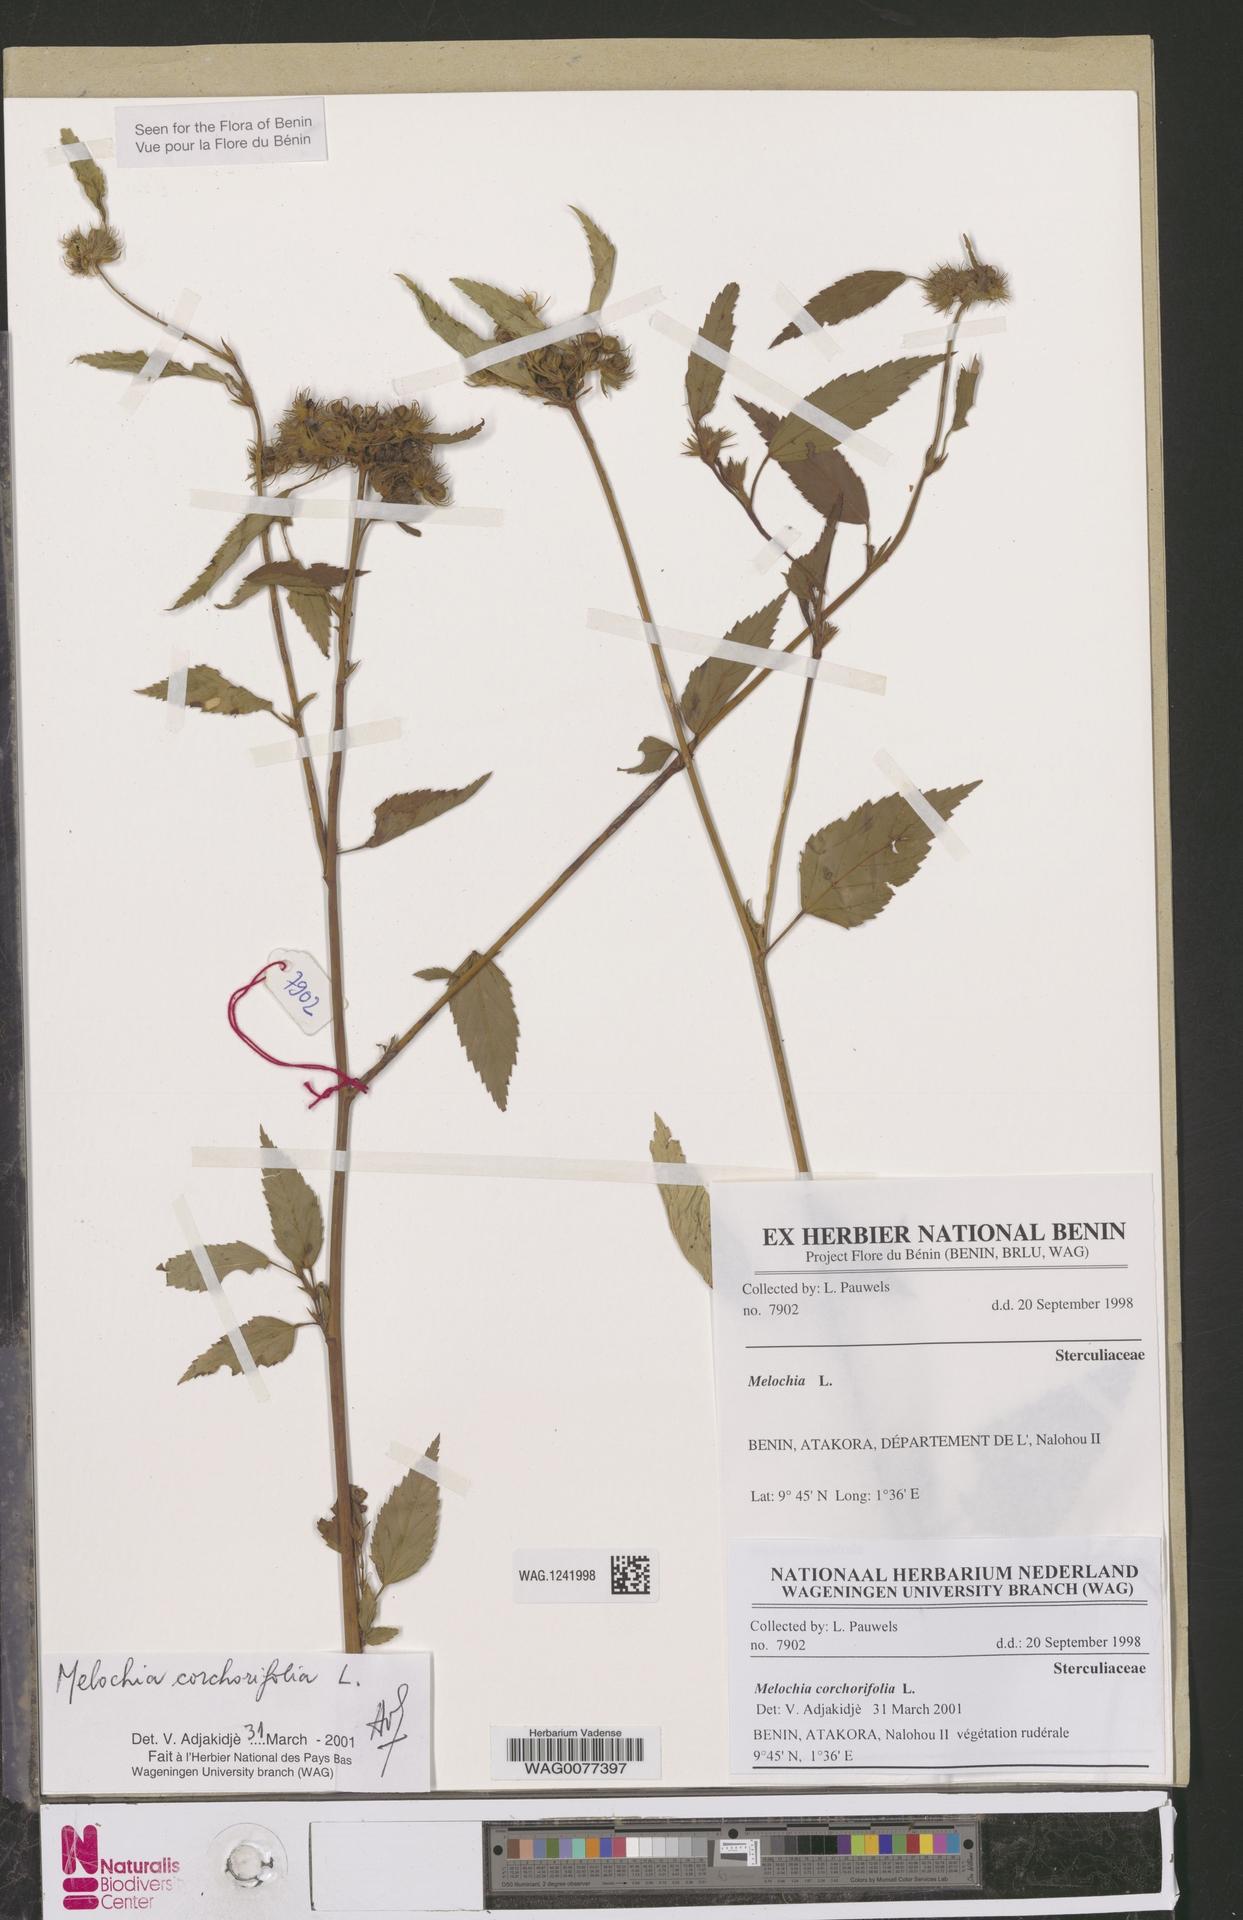 WAG.1241998   Melochia corchorifolia L.